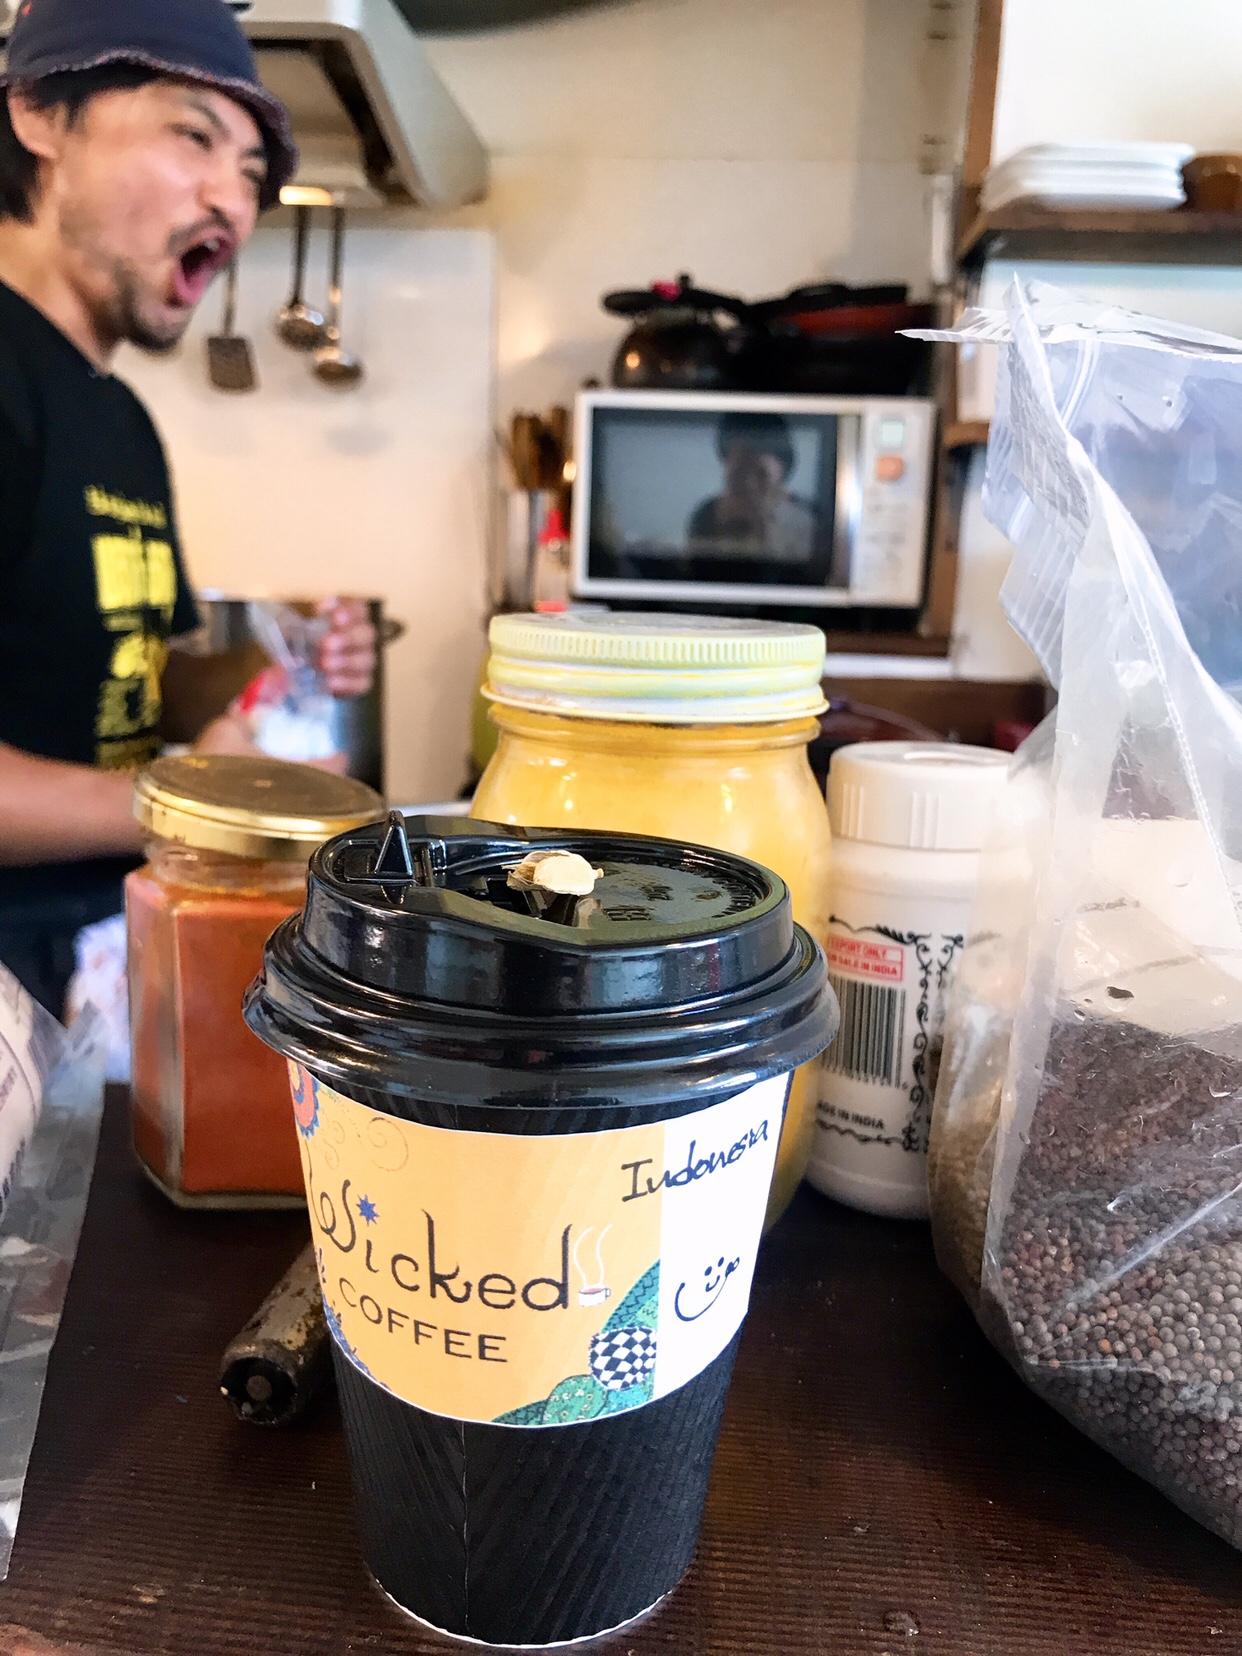 アーユルヴェーダ人体実験1 タケダワーラーのコーヒー&カルダモン